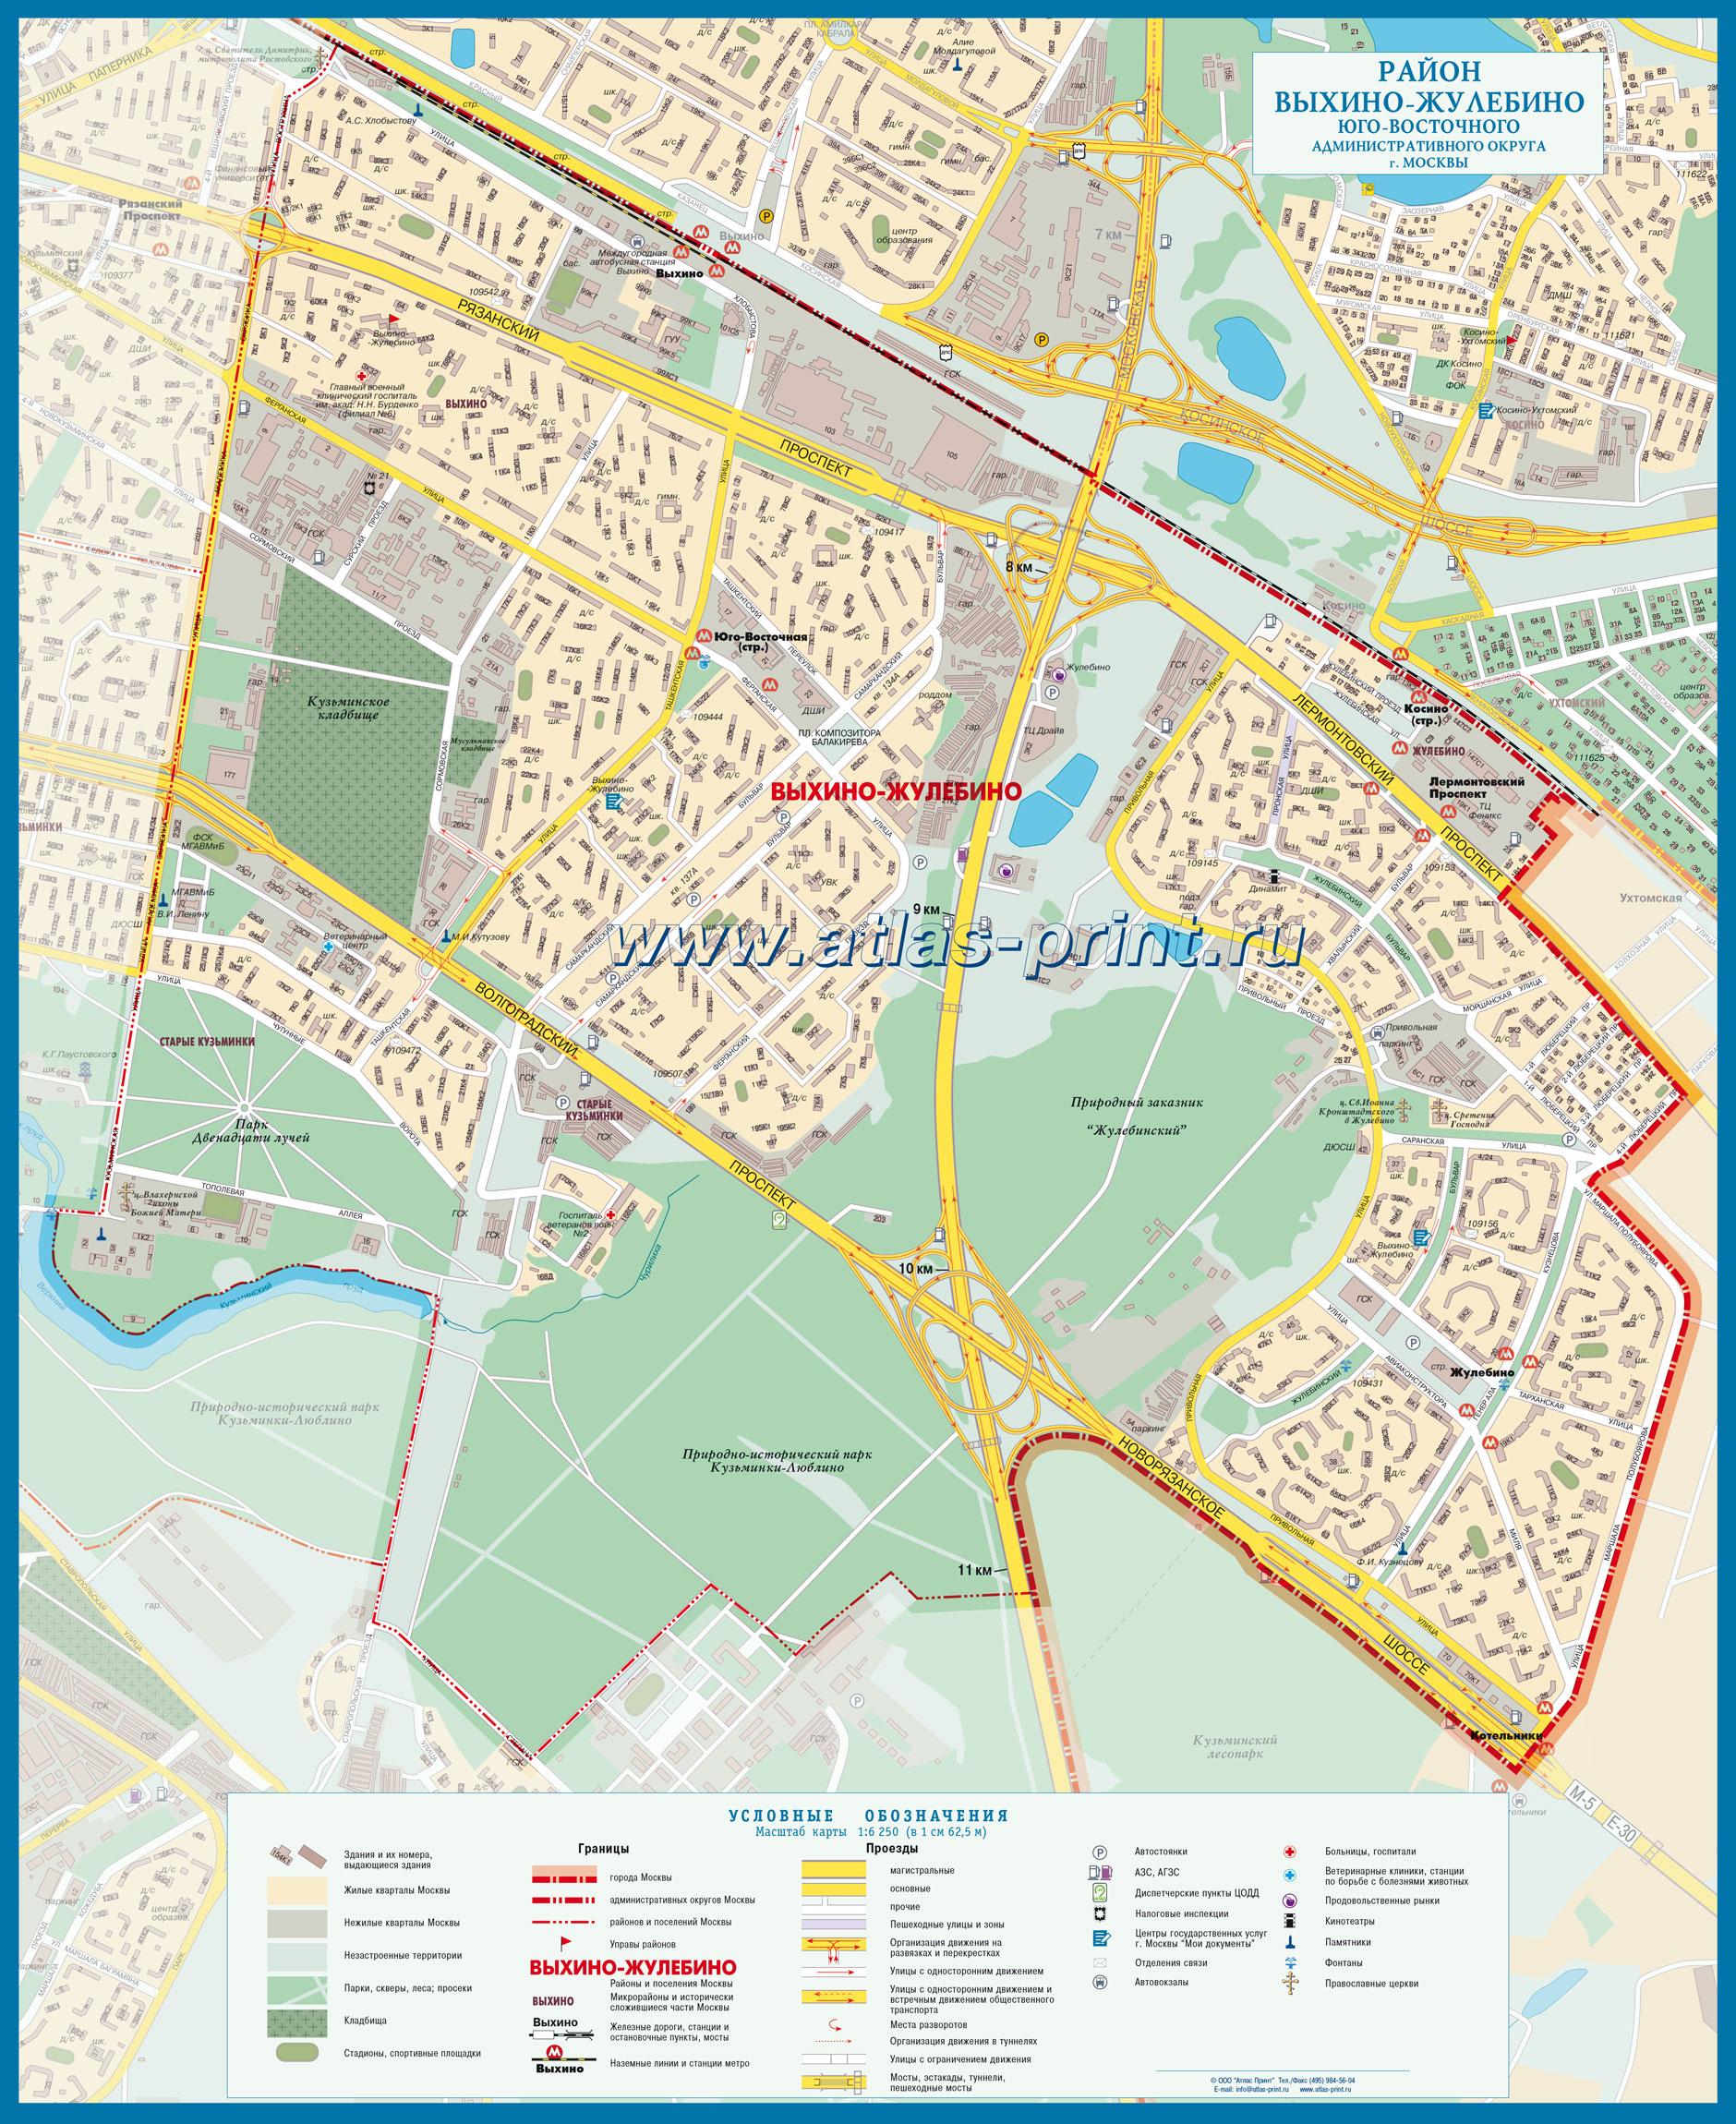 Настенная карта района ВЫХИНО-ЖУЛЕБИНО (ЮВАО)  г. Москвы 0,82*1,00 м, ламинированная